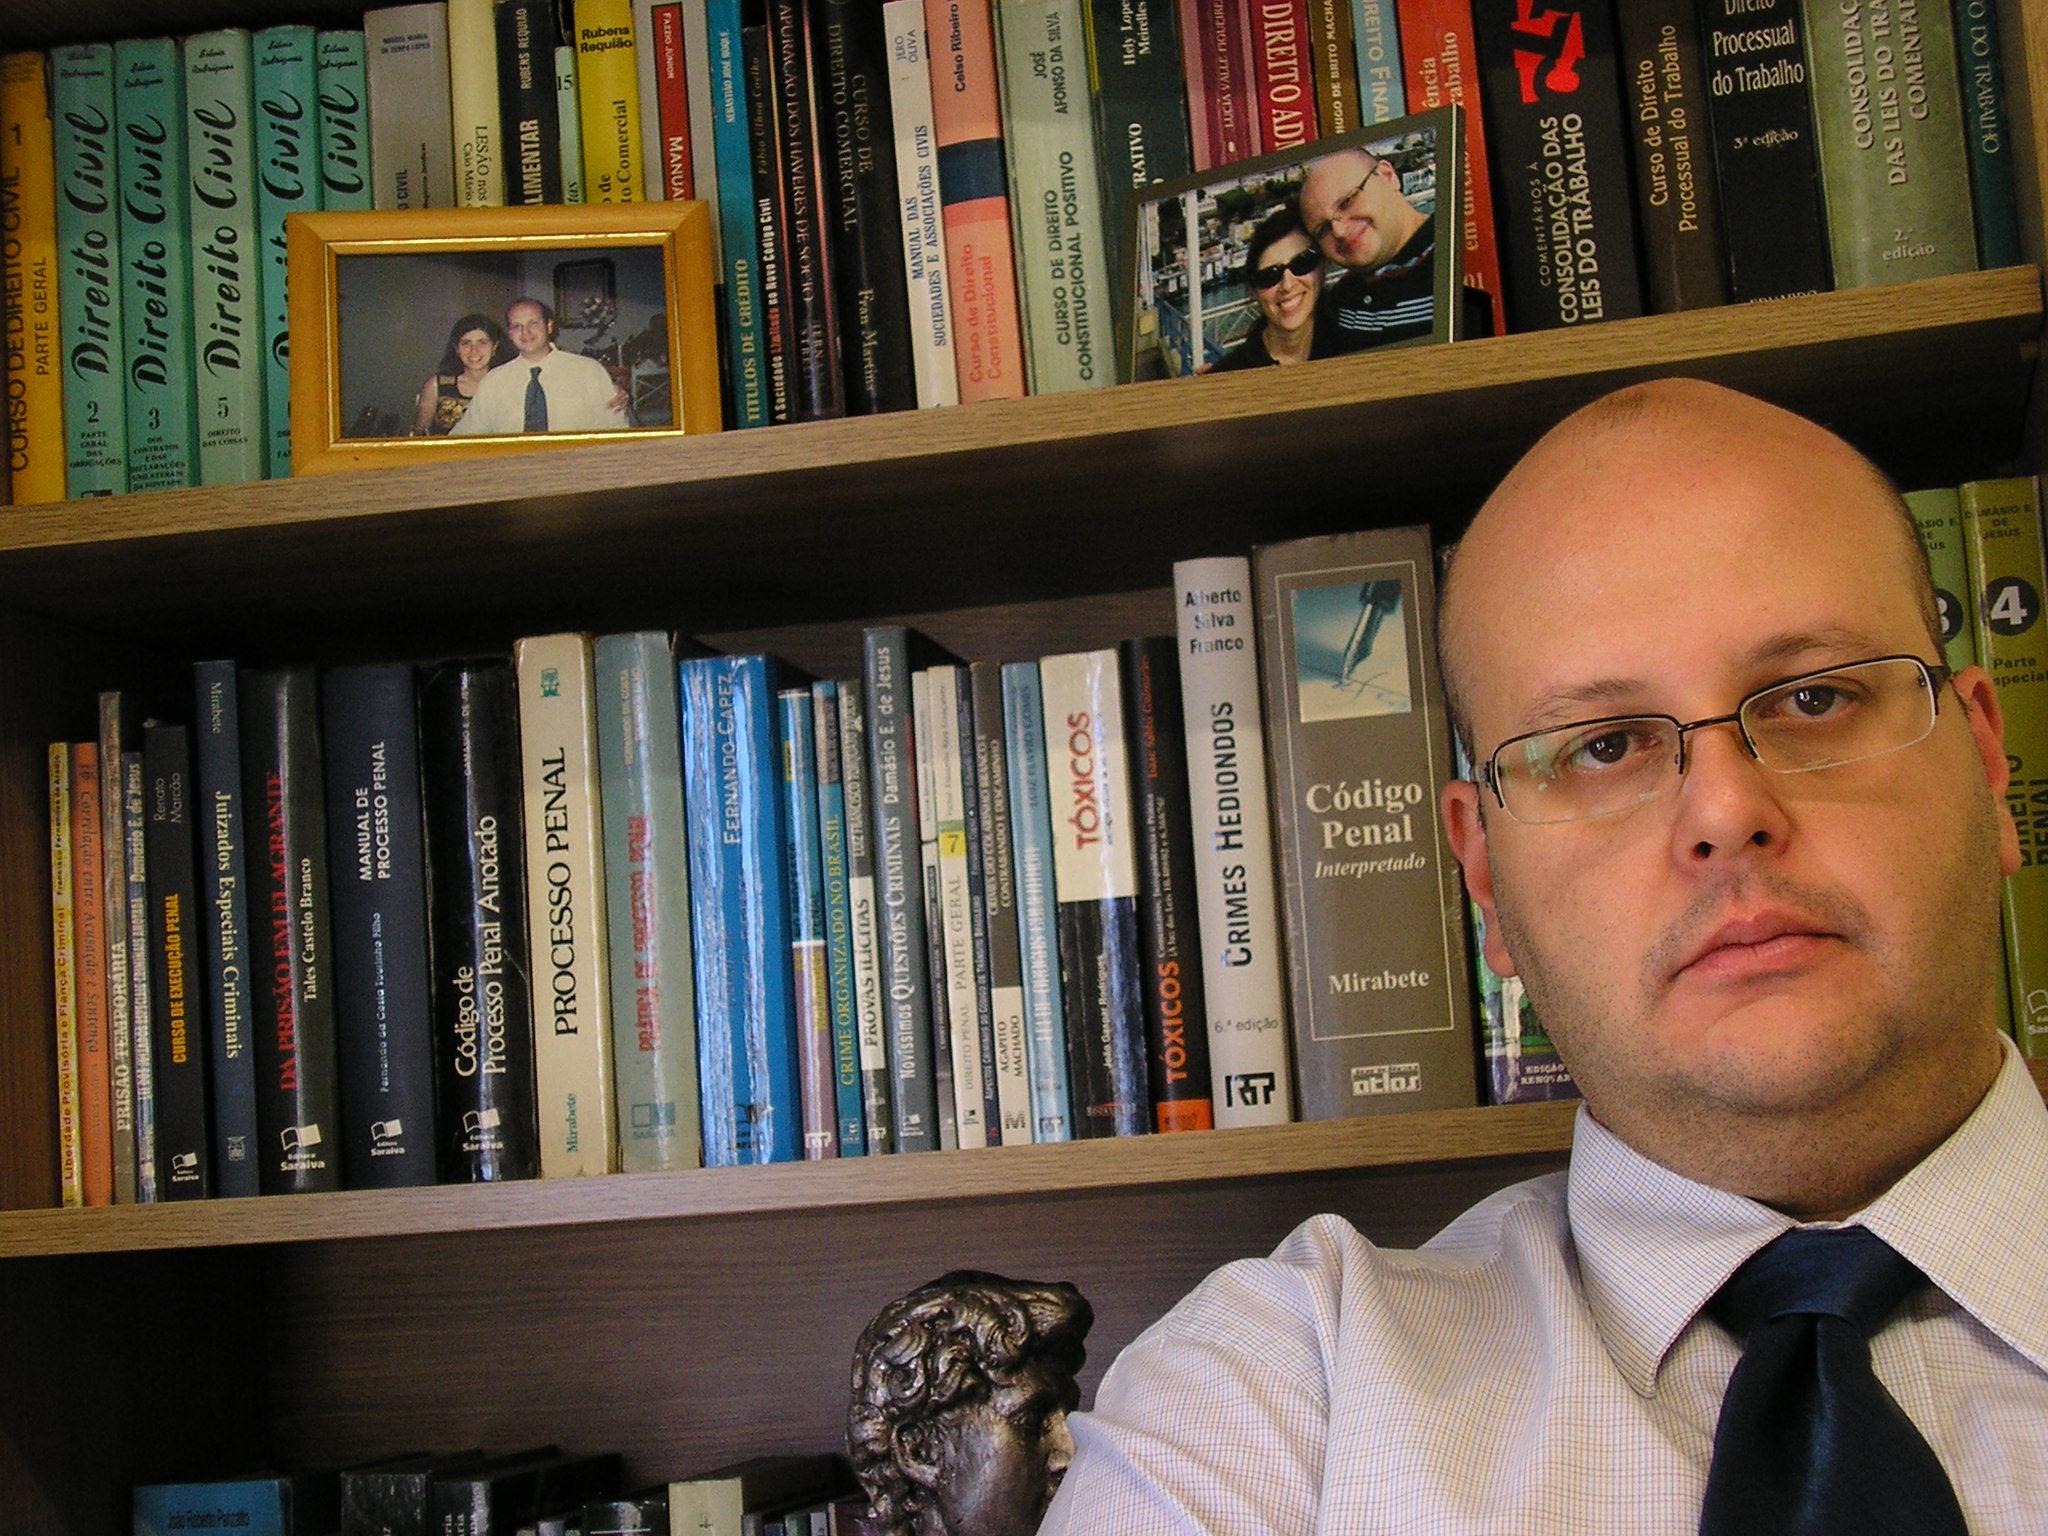 Dr. Alexandre Calissi Cerqueira OAB/SP 154.407